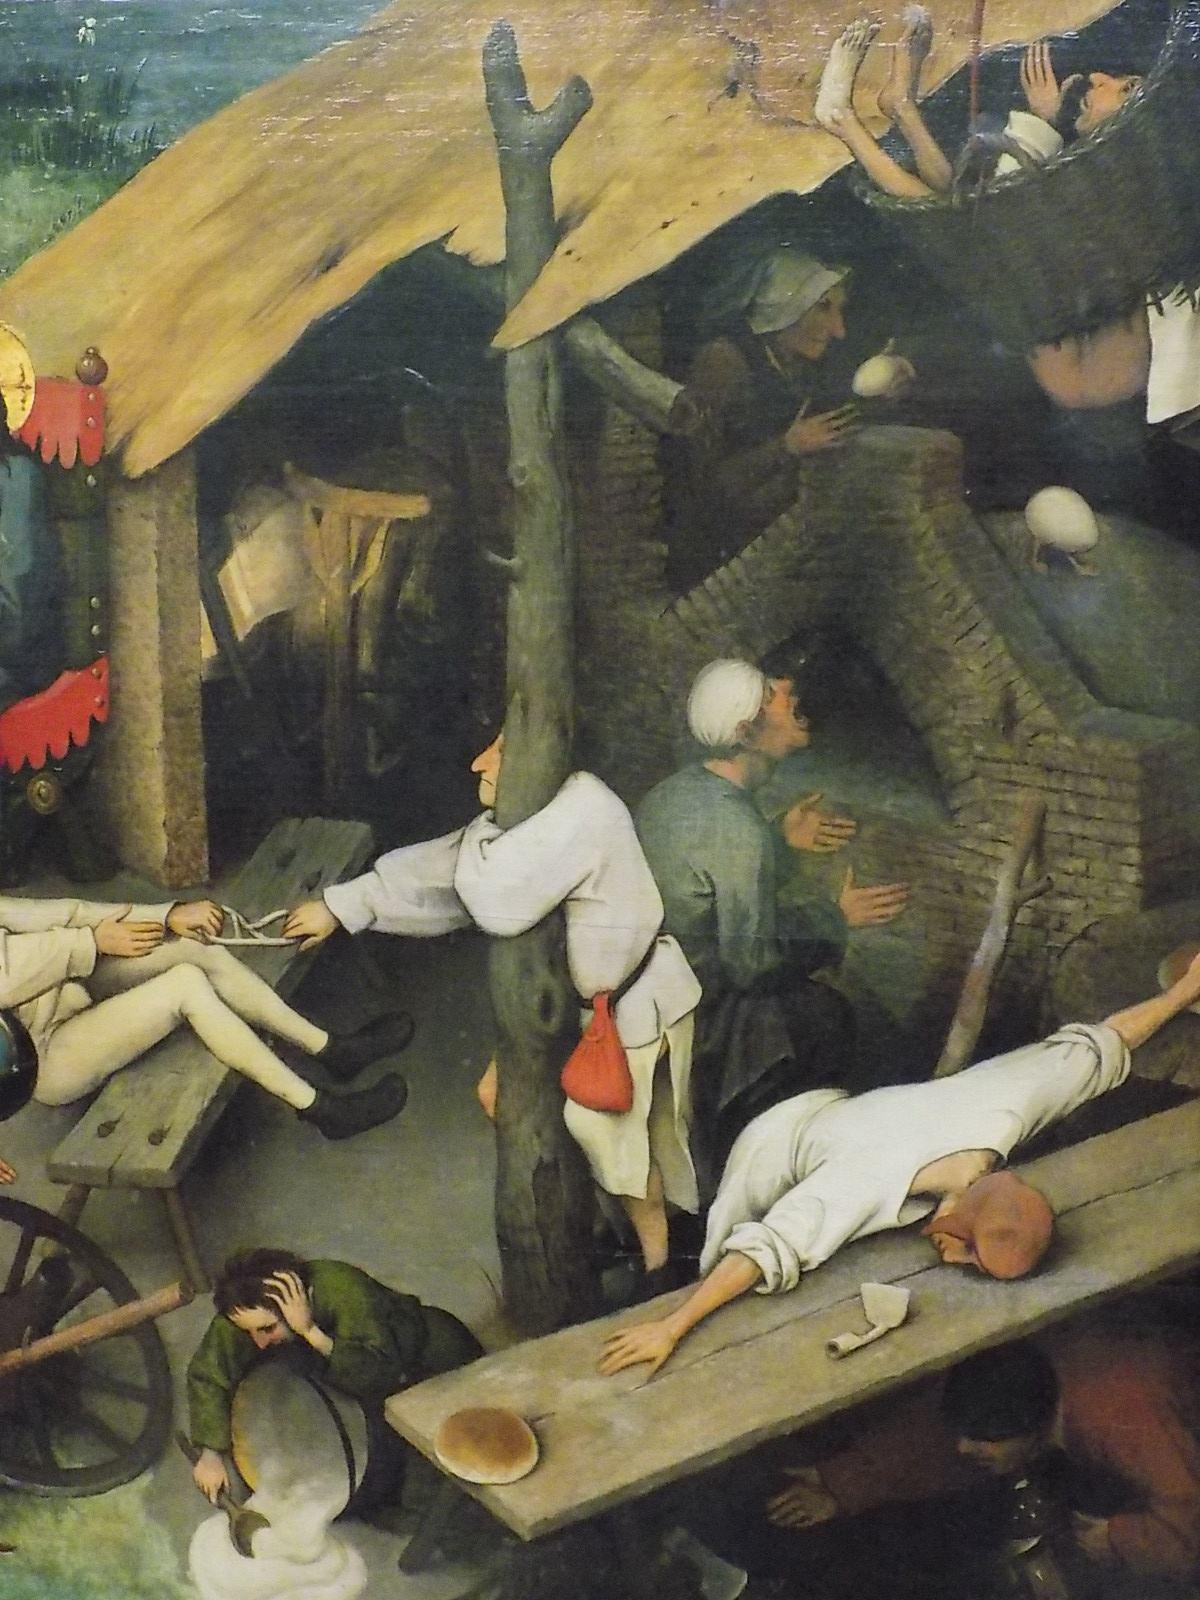 Detalhe dos 'Provérbios Holandeses' de Pieter Brueghel, o Velho